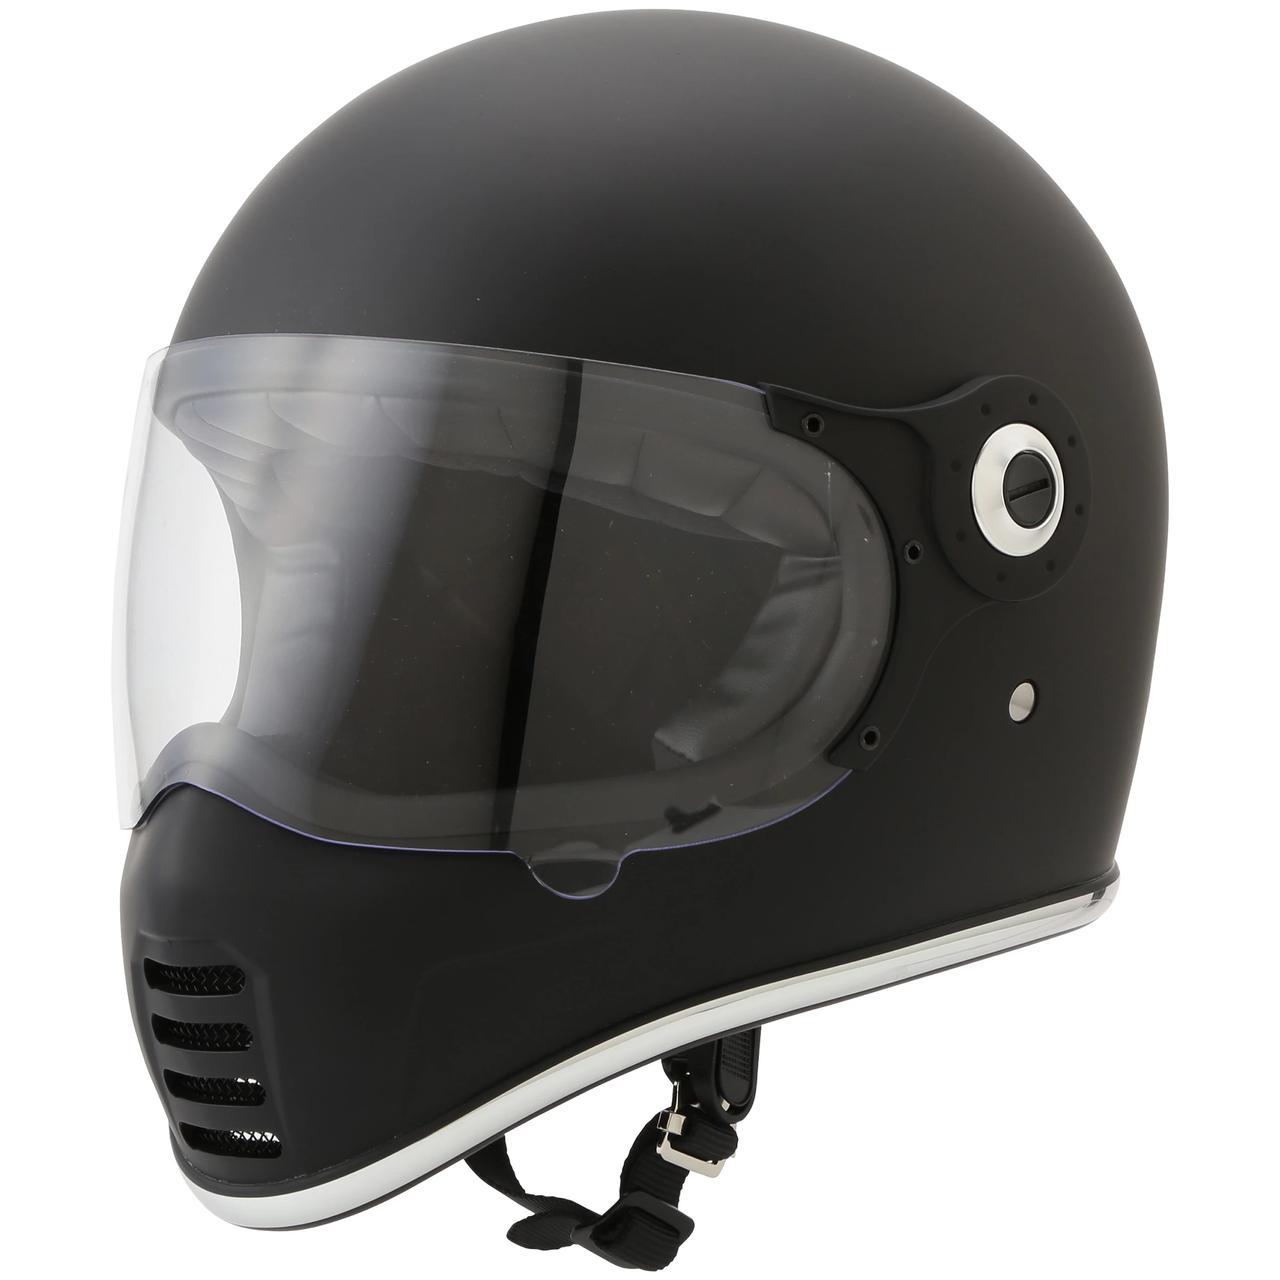 画像1: 【RIDEZ】ネオクラシックヘルメット「XX」(ダブルエックス)が発売開始! 価格も魅力的!